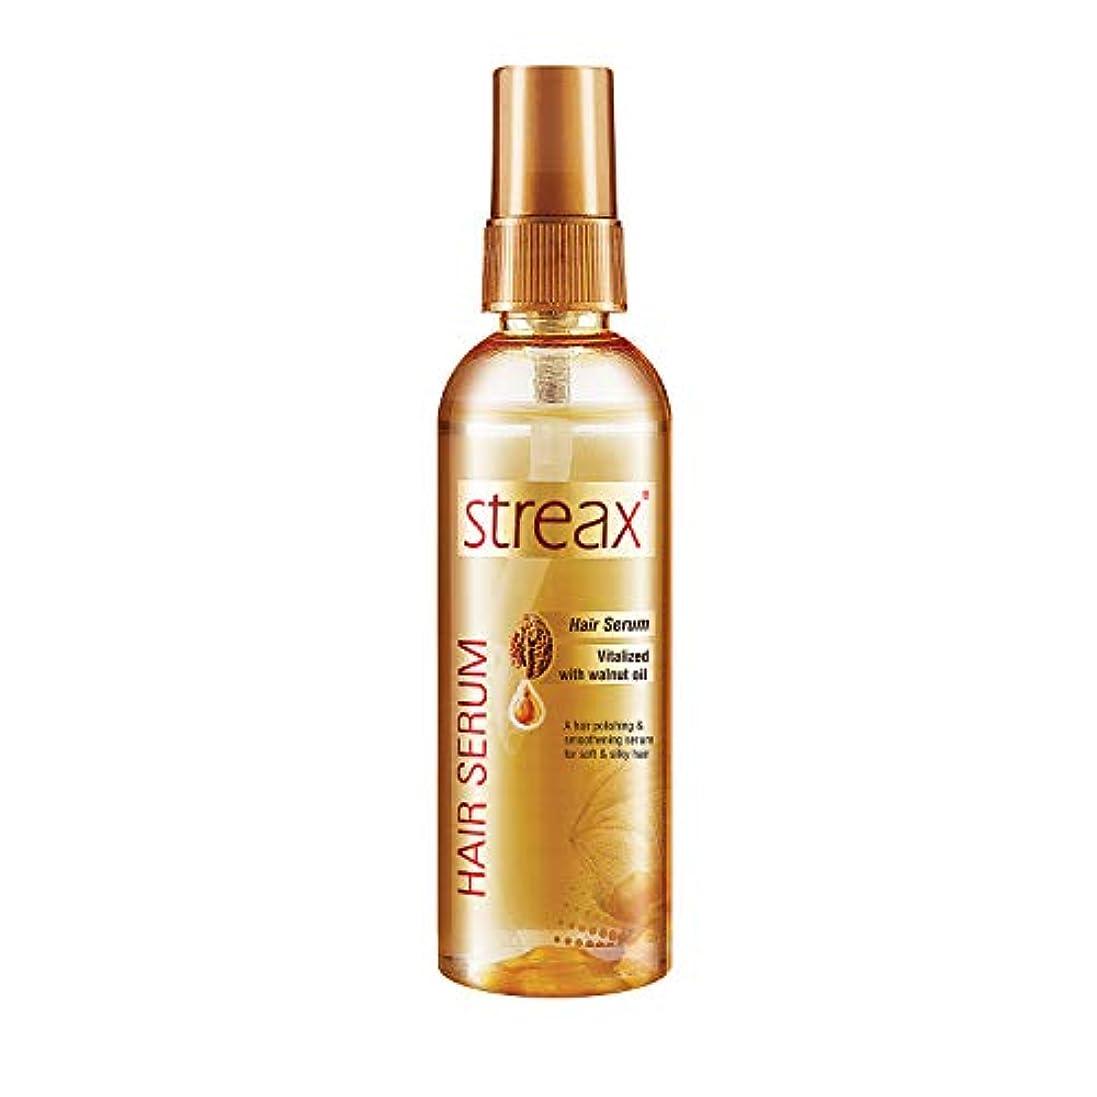 クルミオイルで強化しStreax髪血清は縮れフリーサテンスムースヘア100ミリリットルを提供します( 3.5オンス)Streax Hair Serum Enriched with Walnut Oil Gives Frizz-free...